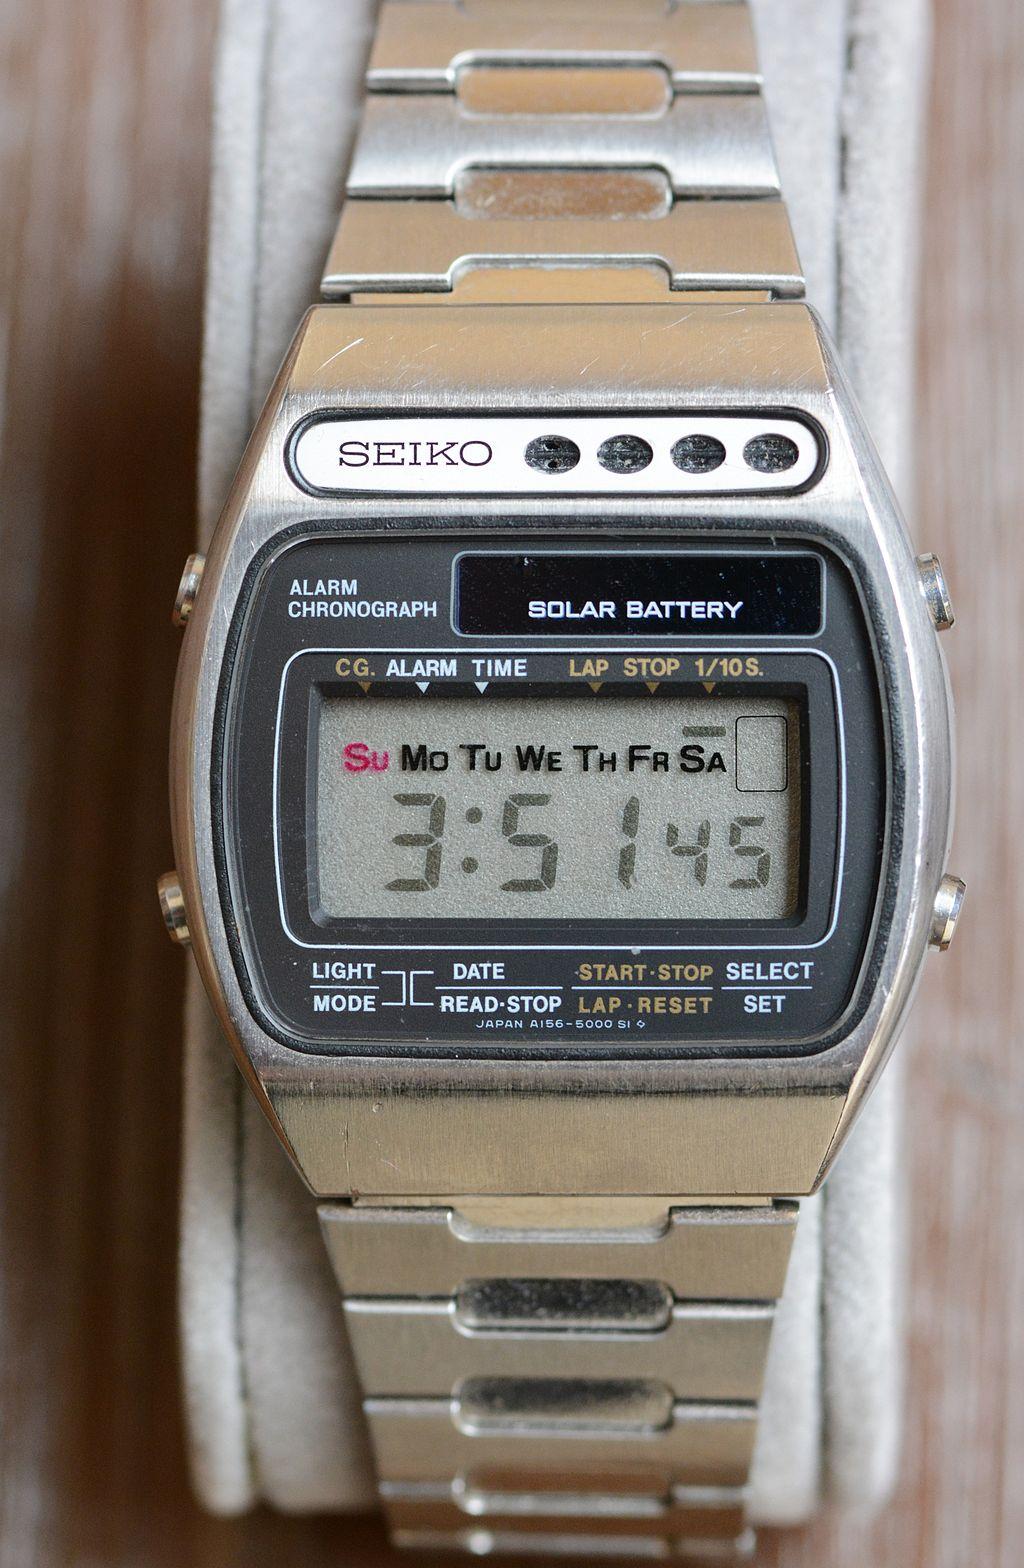 Seiko LCD Solar Alarm Chronograph A156-5000 de 1978